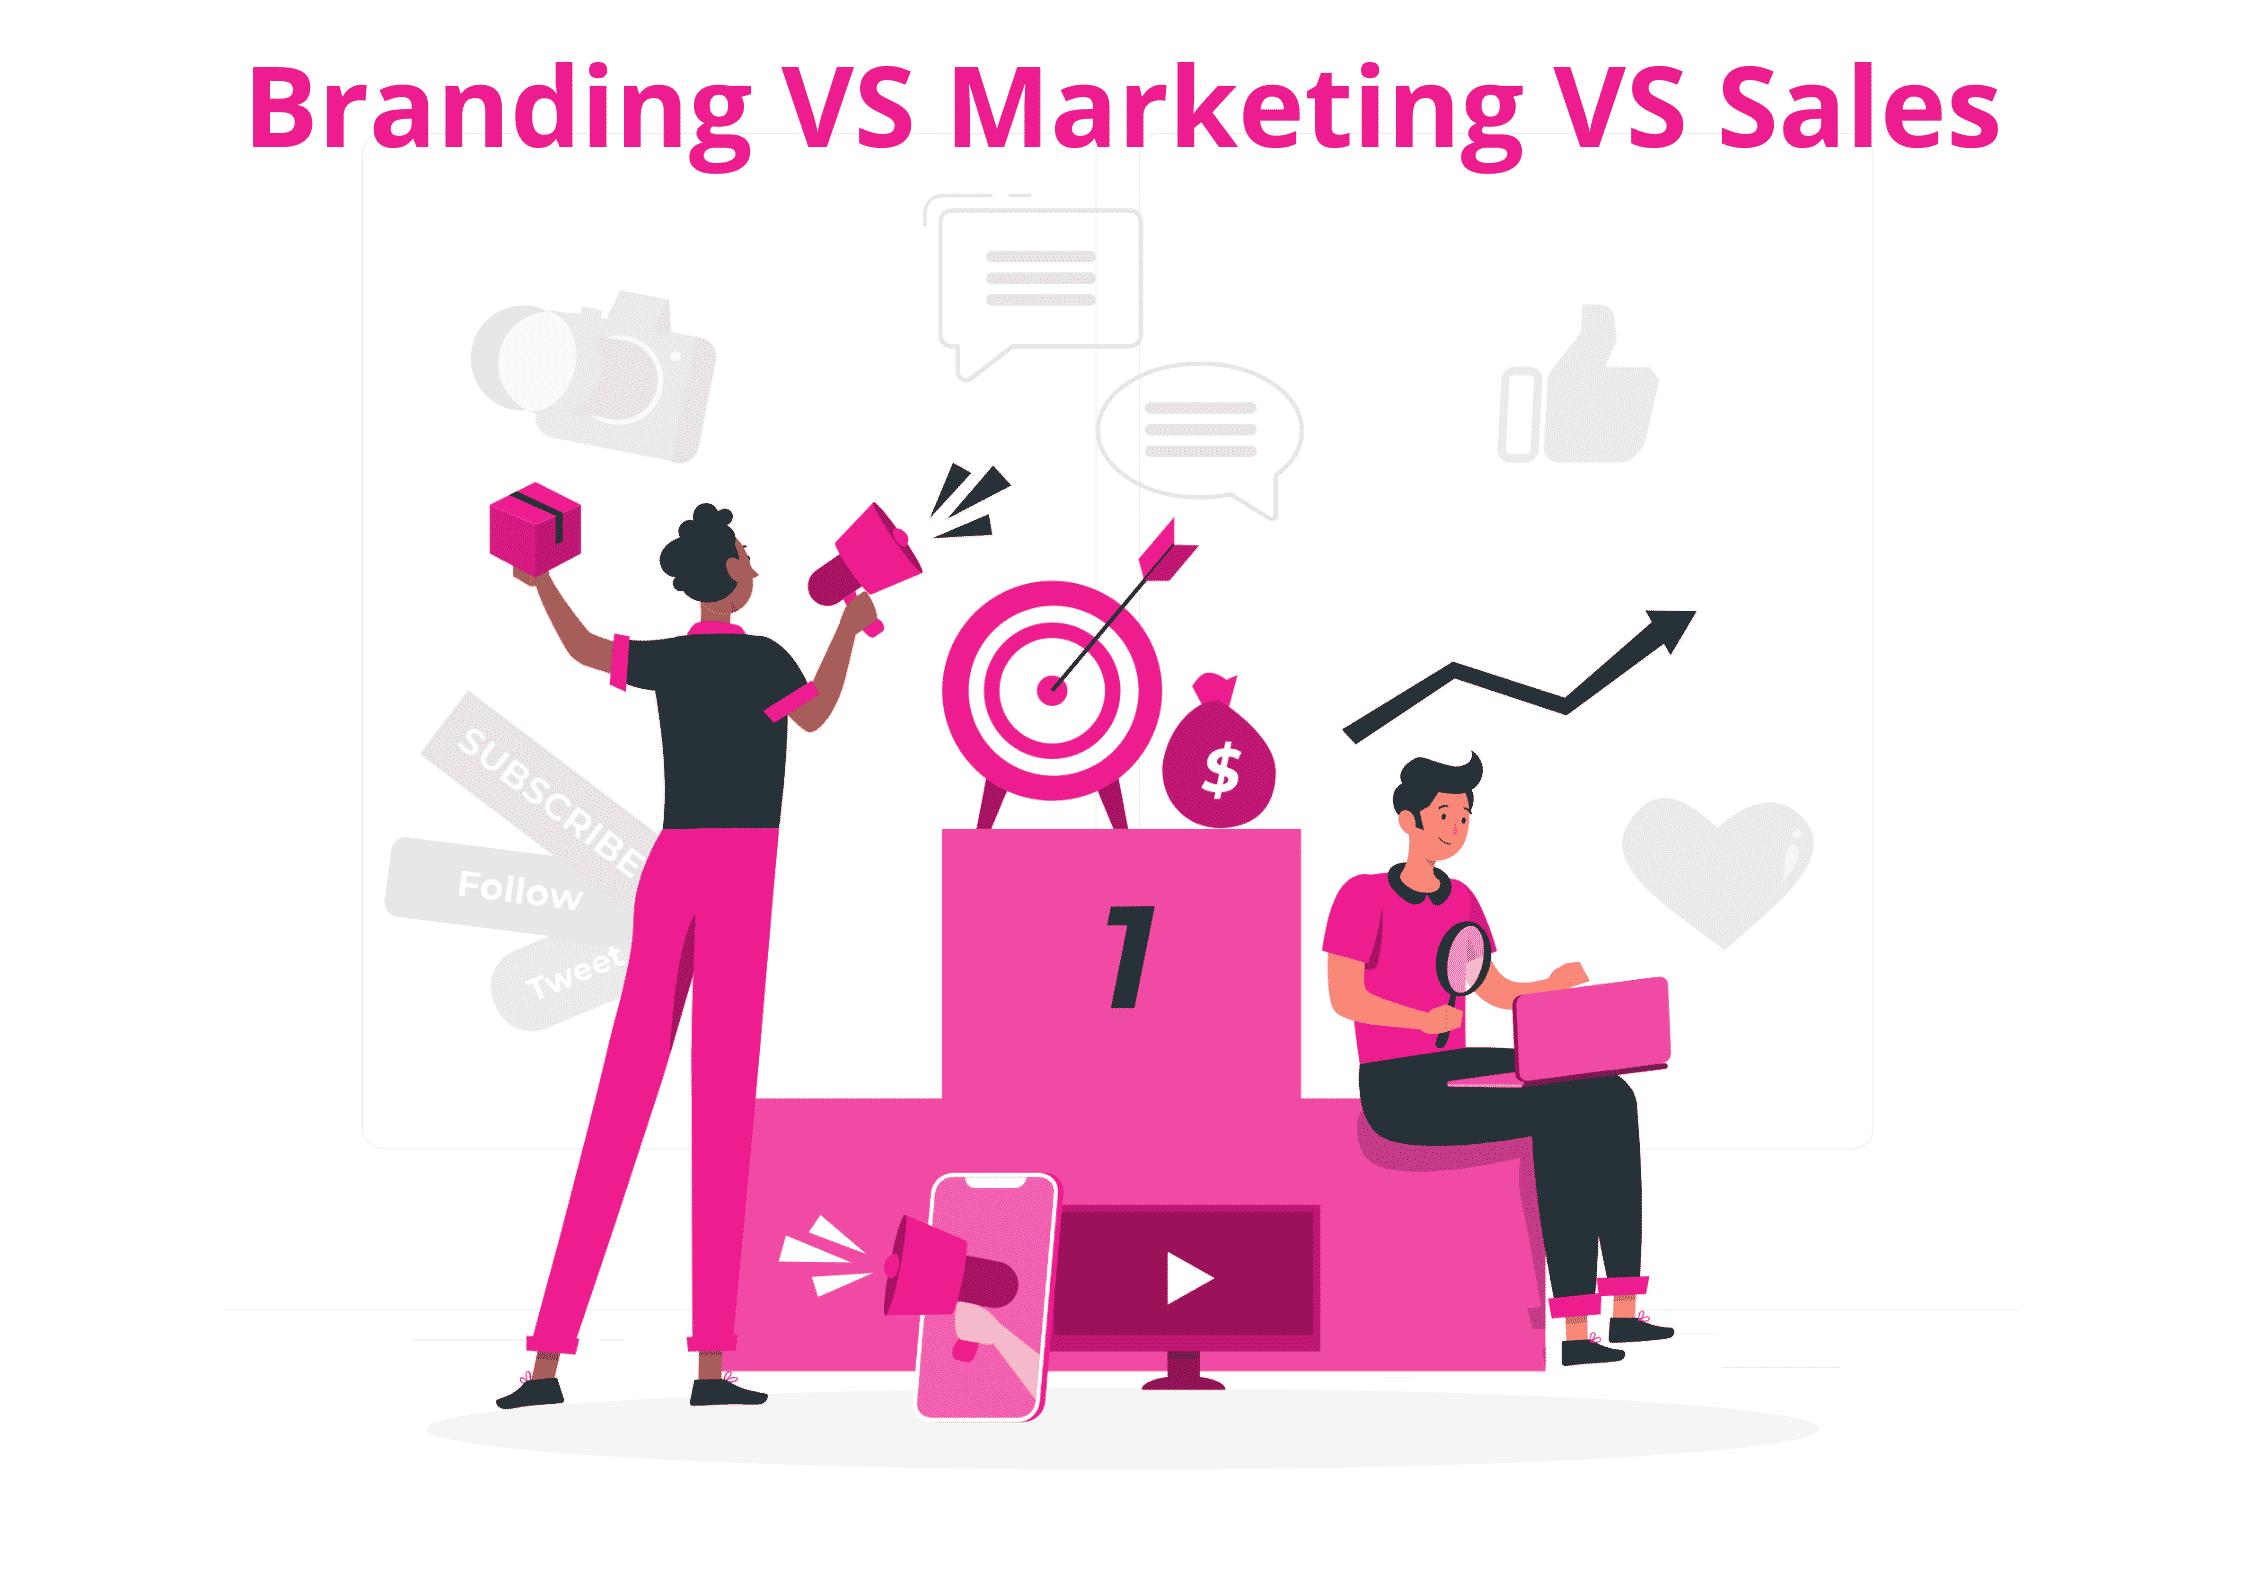 Branding VS Marketing VS Sales